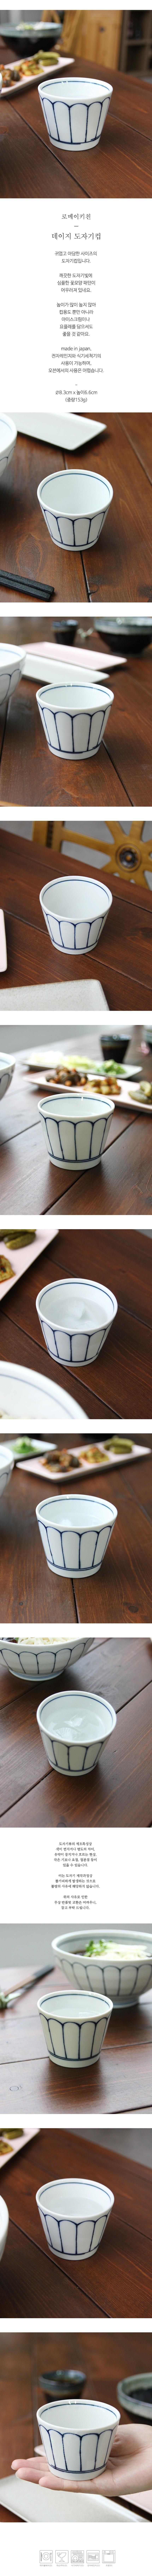 데이지 도자기컵 - 로메이키친A, 5,300원, 머그컵, 심플머그